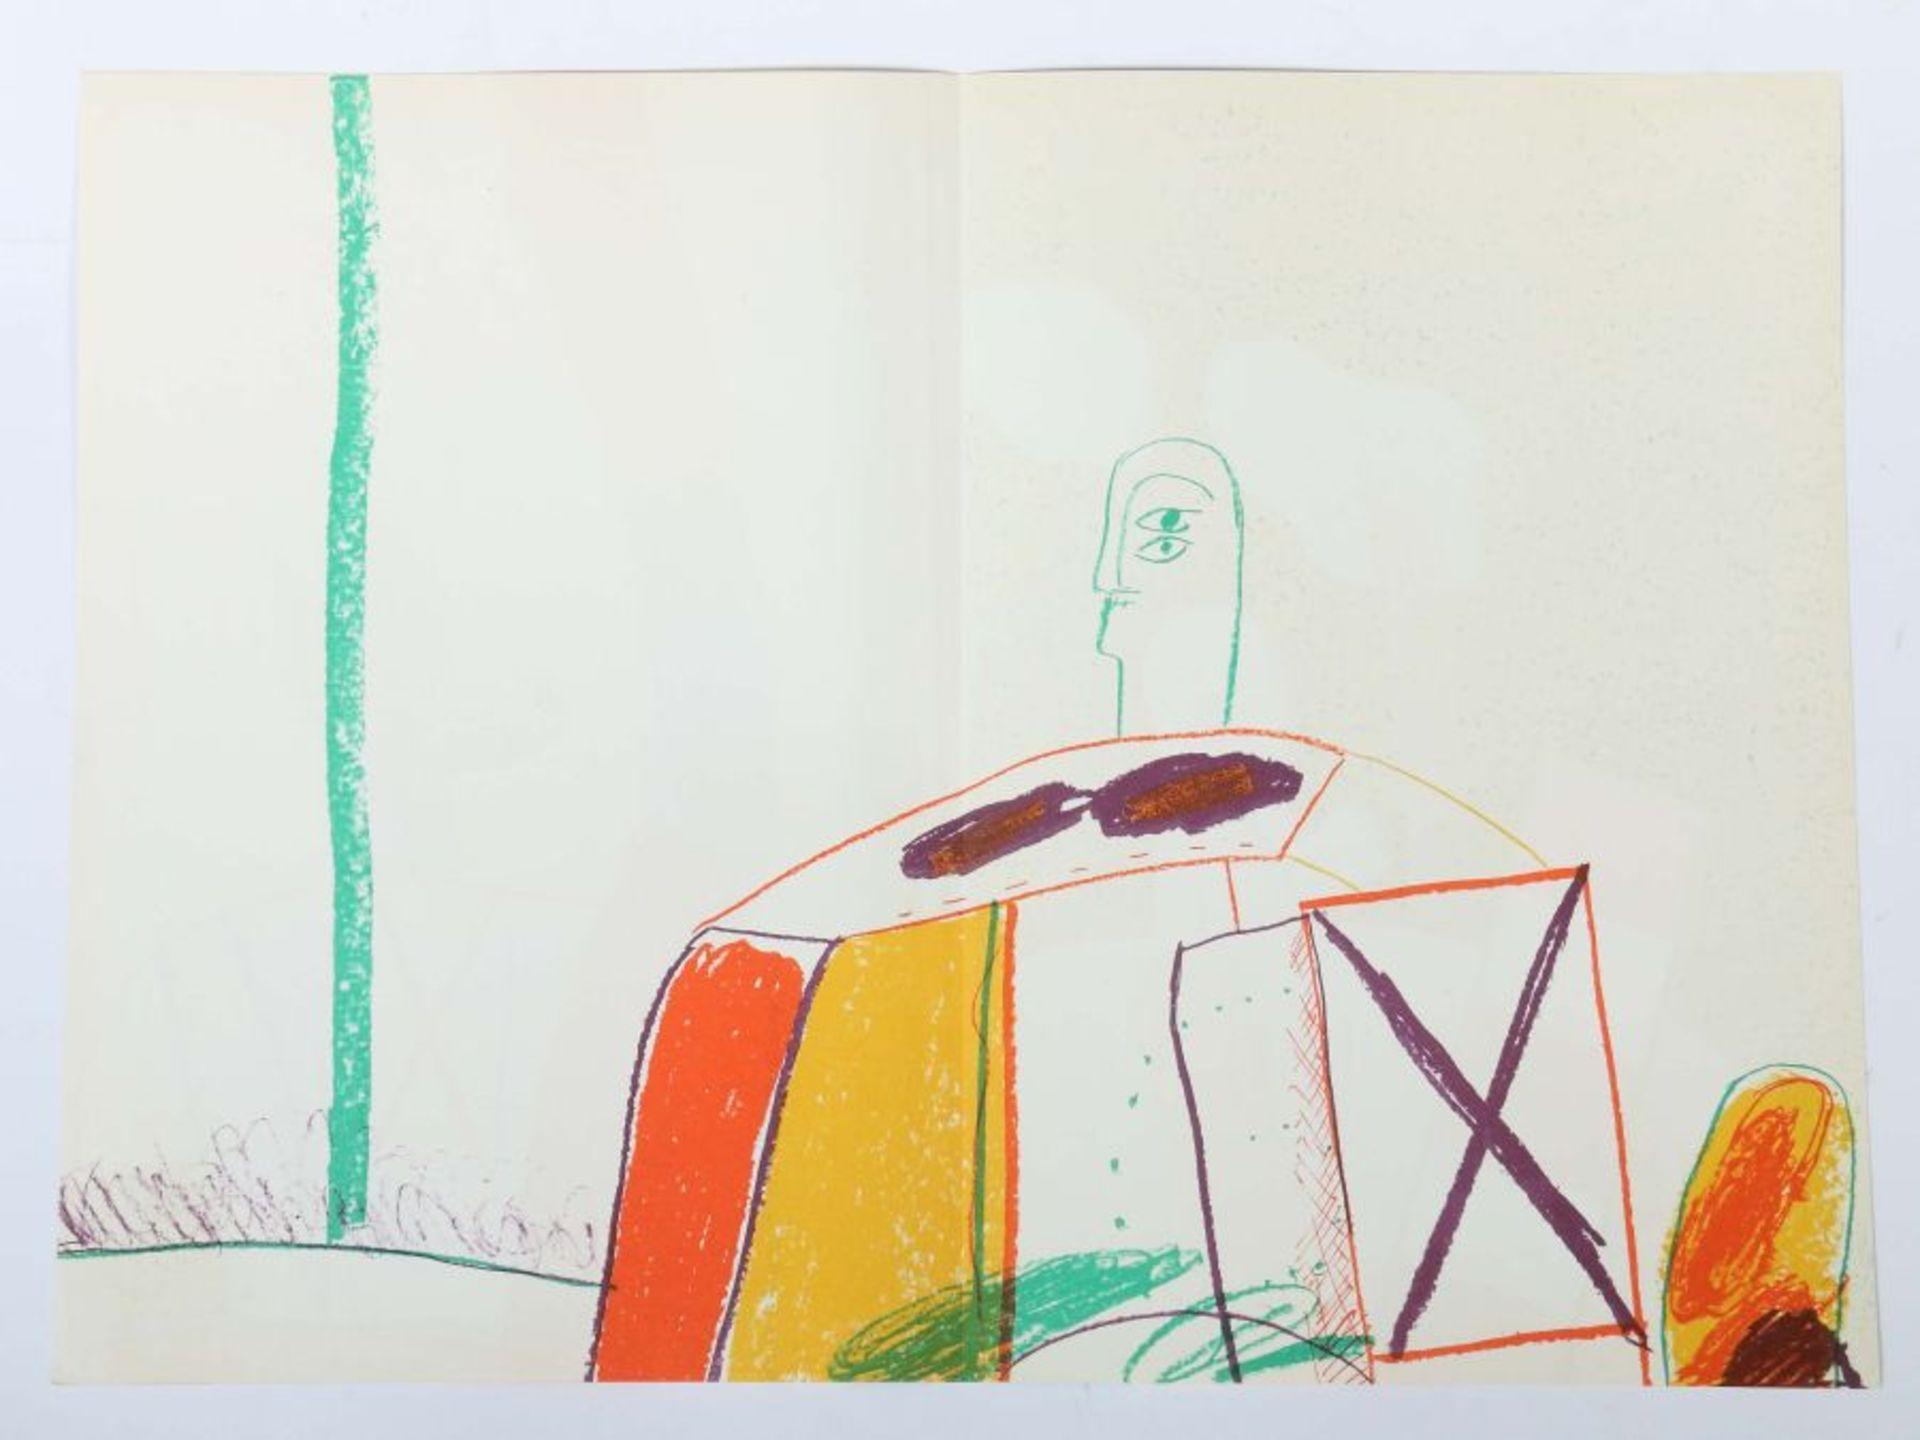 Antes, Horst Geh durch den Spiegel, Folge 36, Bilder aus Florenz und Rom, 1963, Auflage: 250 - Bild 2 aus 4